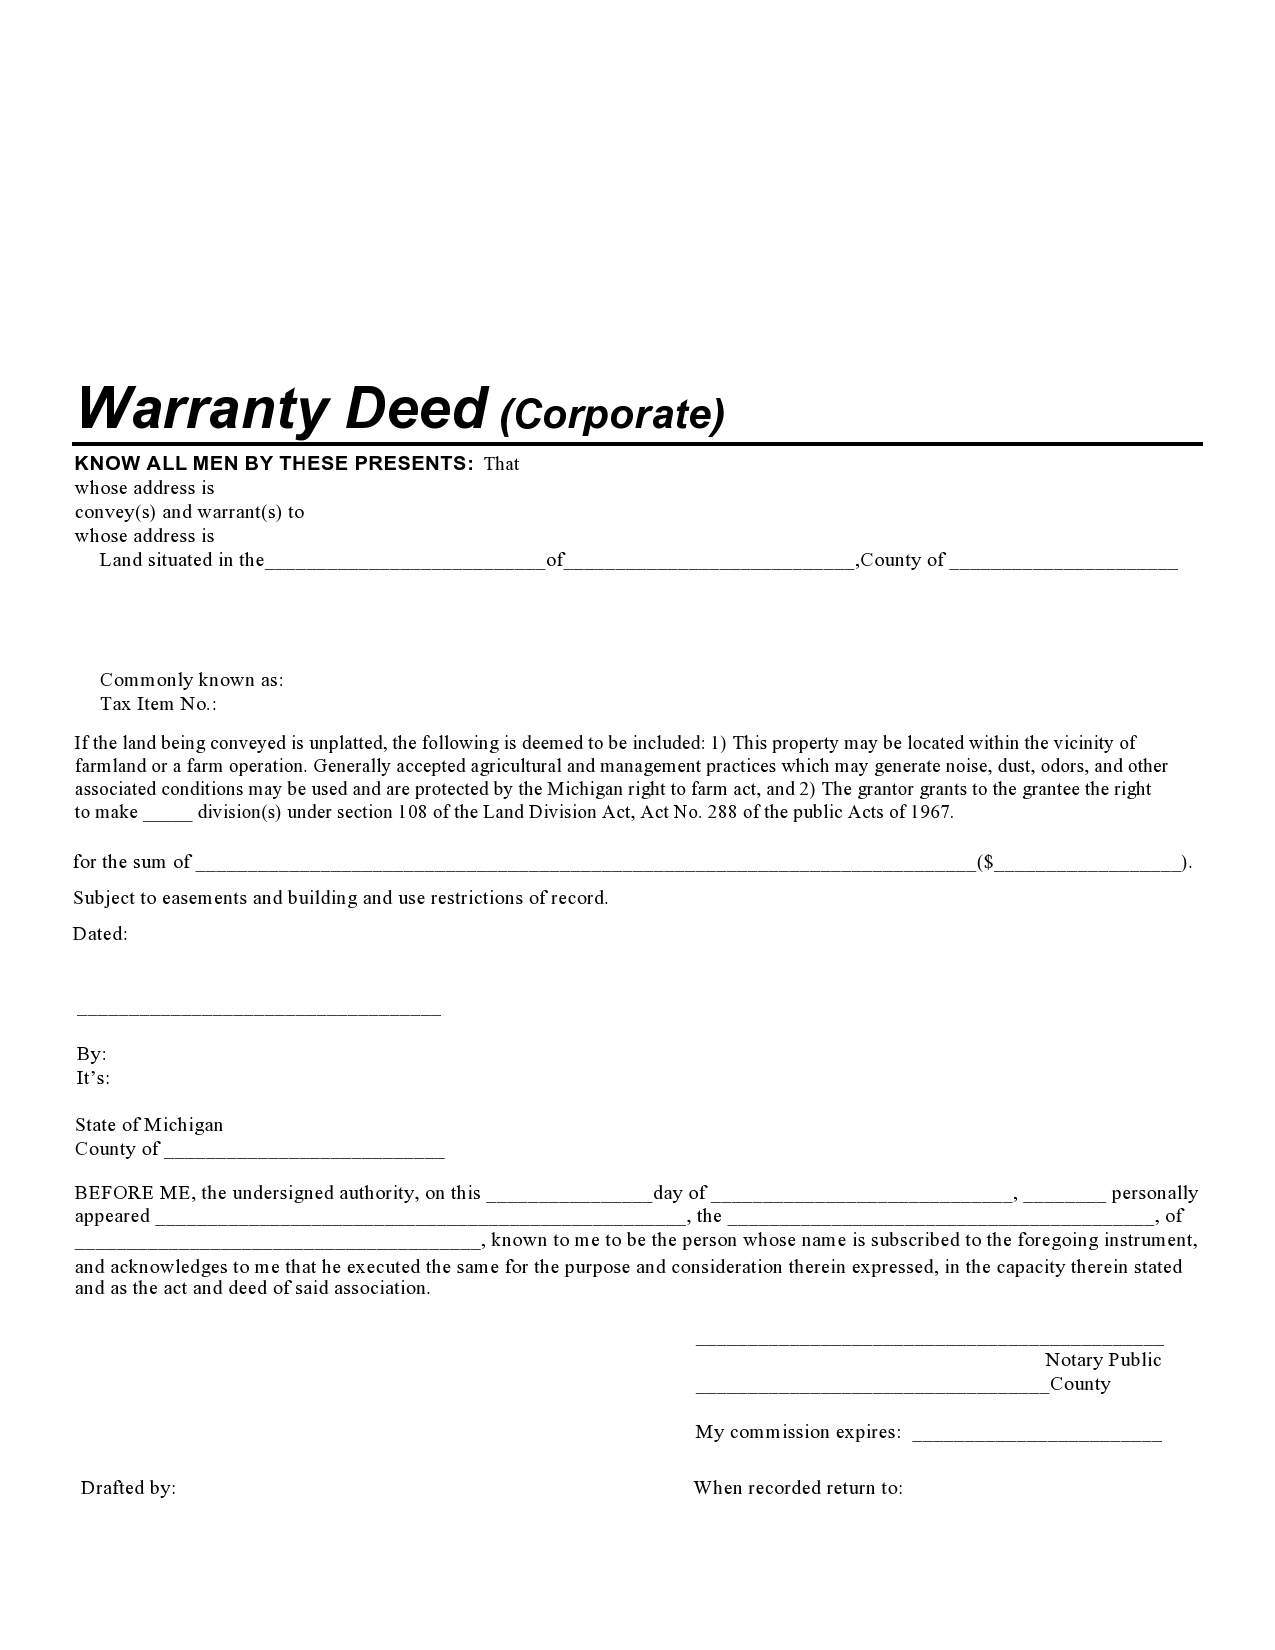 Free warranty deed form 07